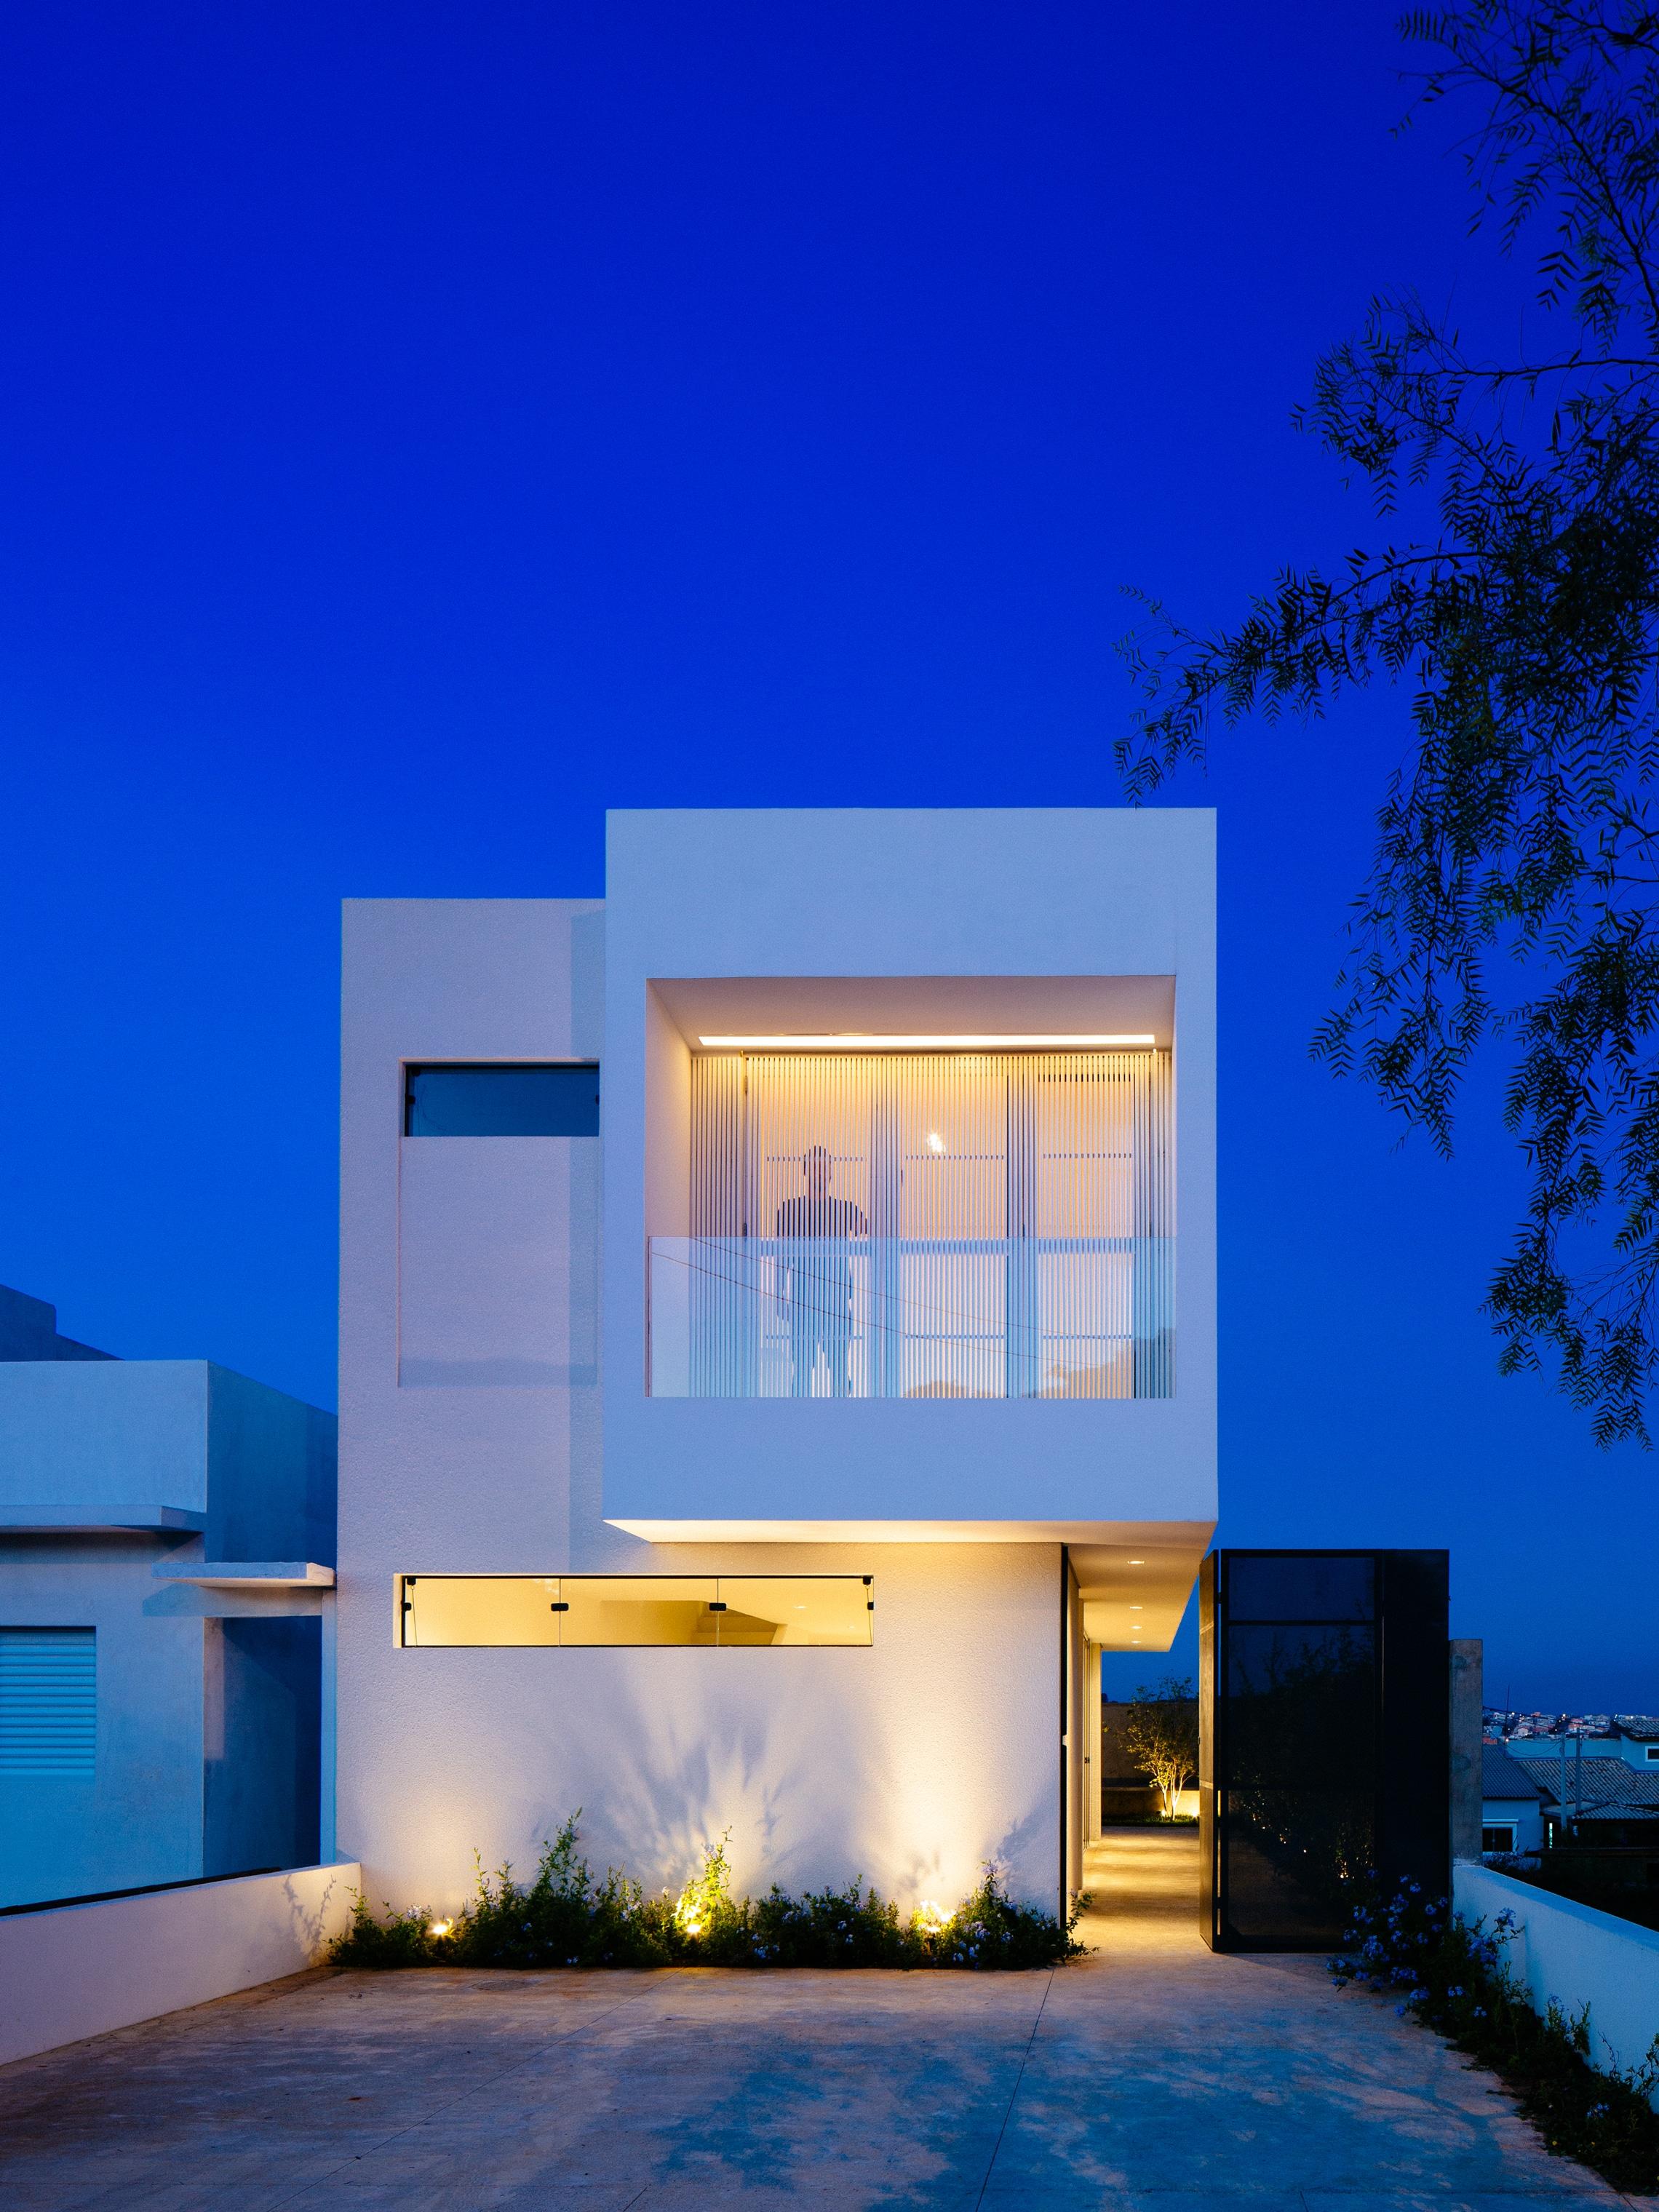 Sencilla casa de dos pisos con planos y dise o de for Pisos para casas estilo minimalista